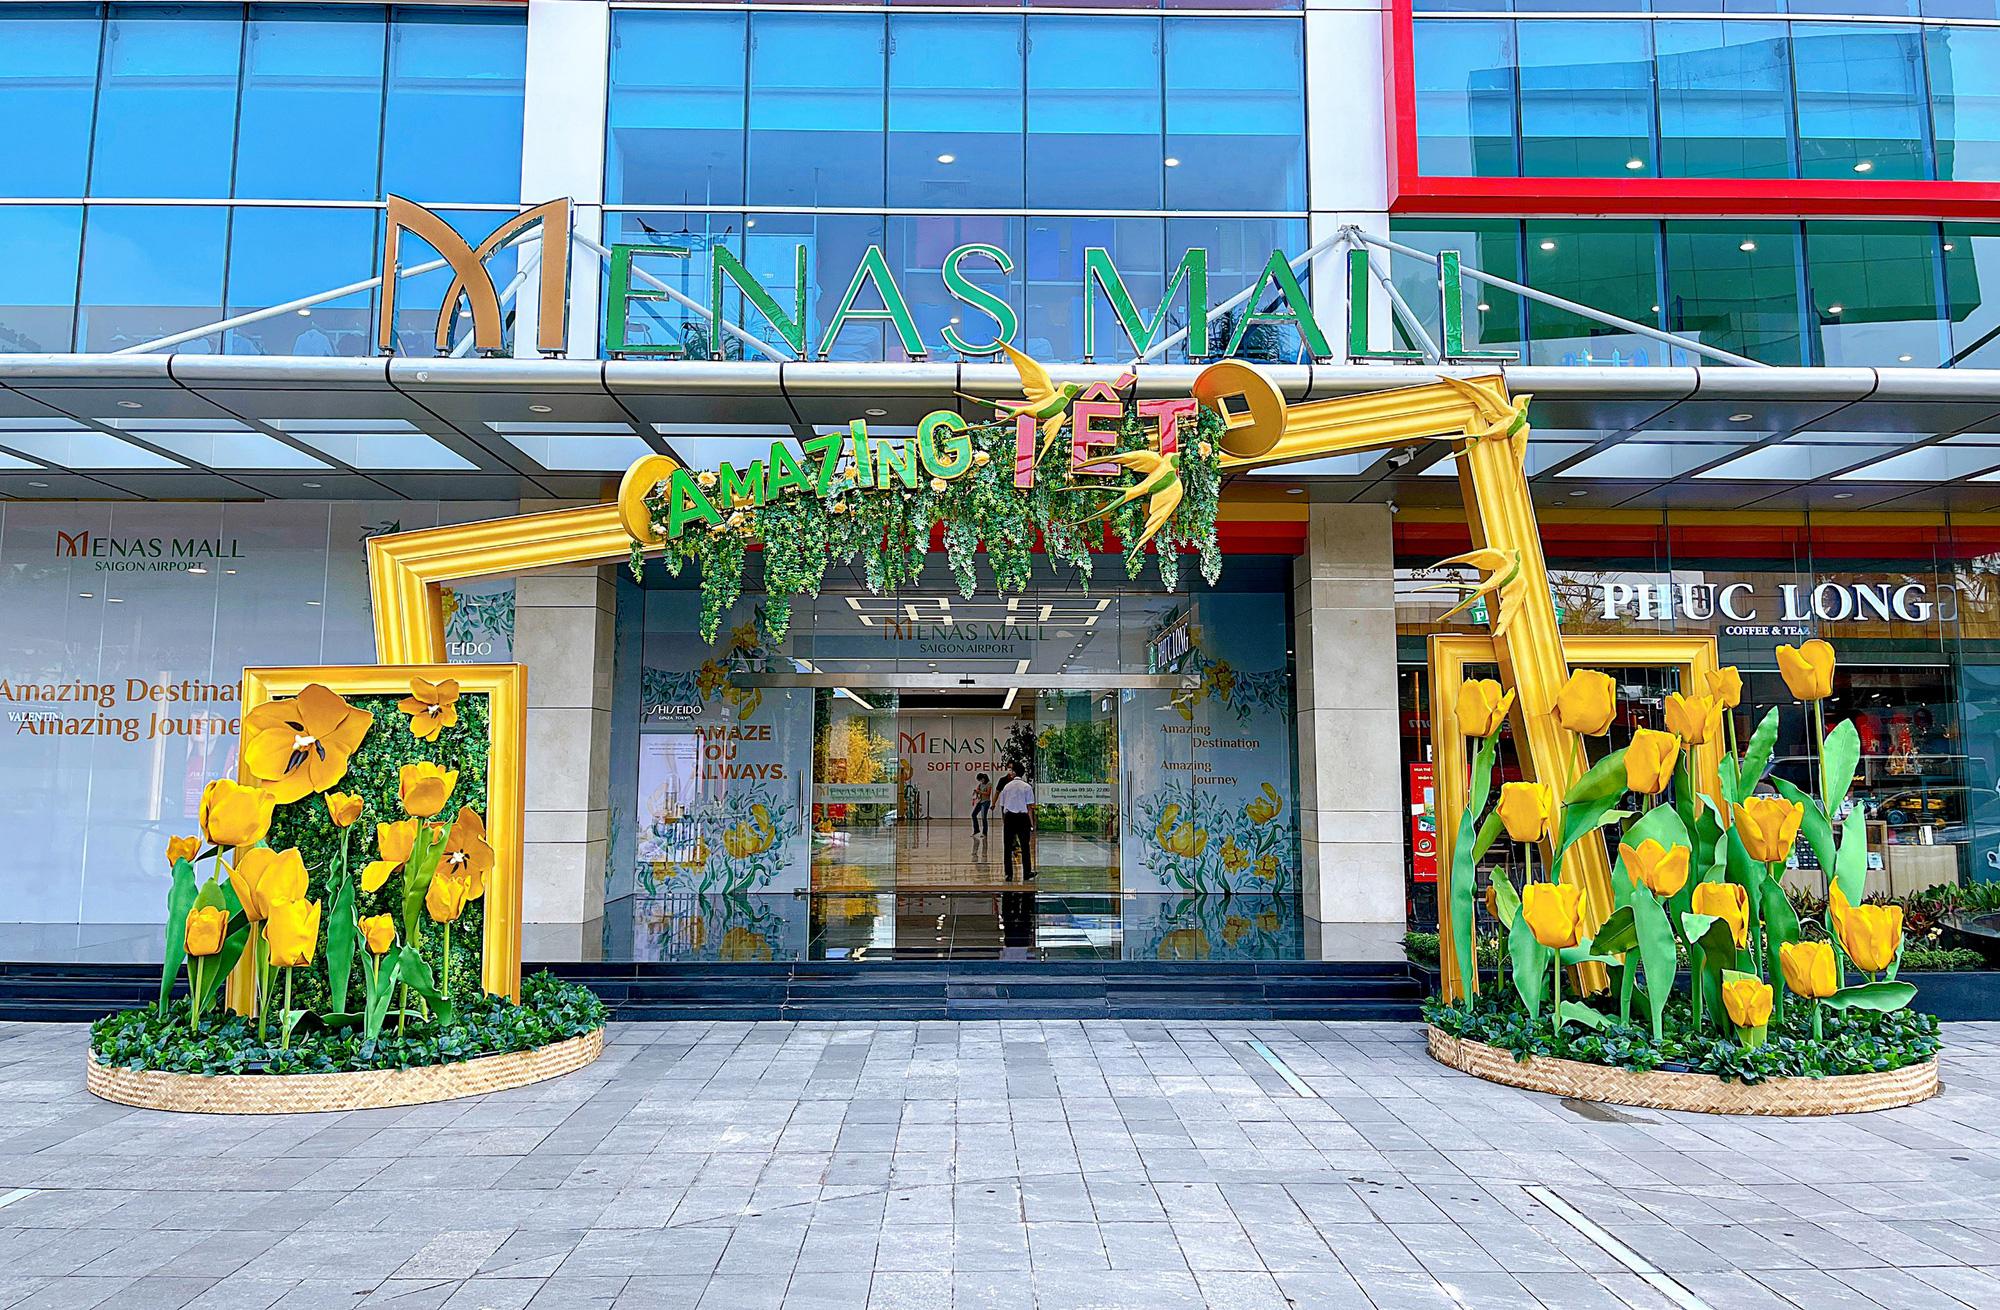 Amazing Tết - Đón năm mới diệu kỳ tại Menas Mall Saigon Airport - Ảnh 4.